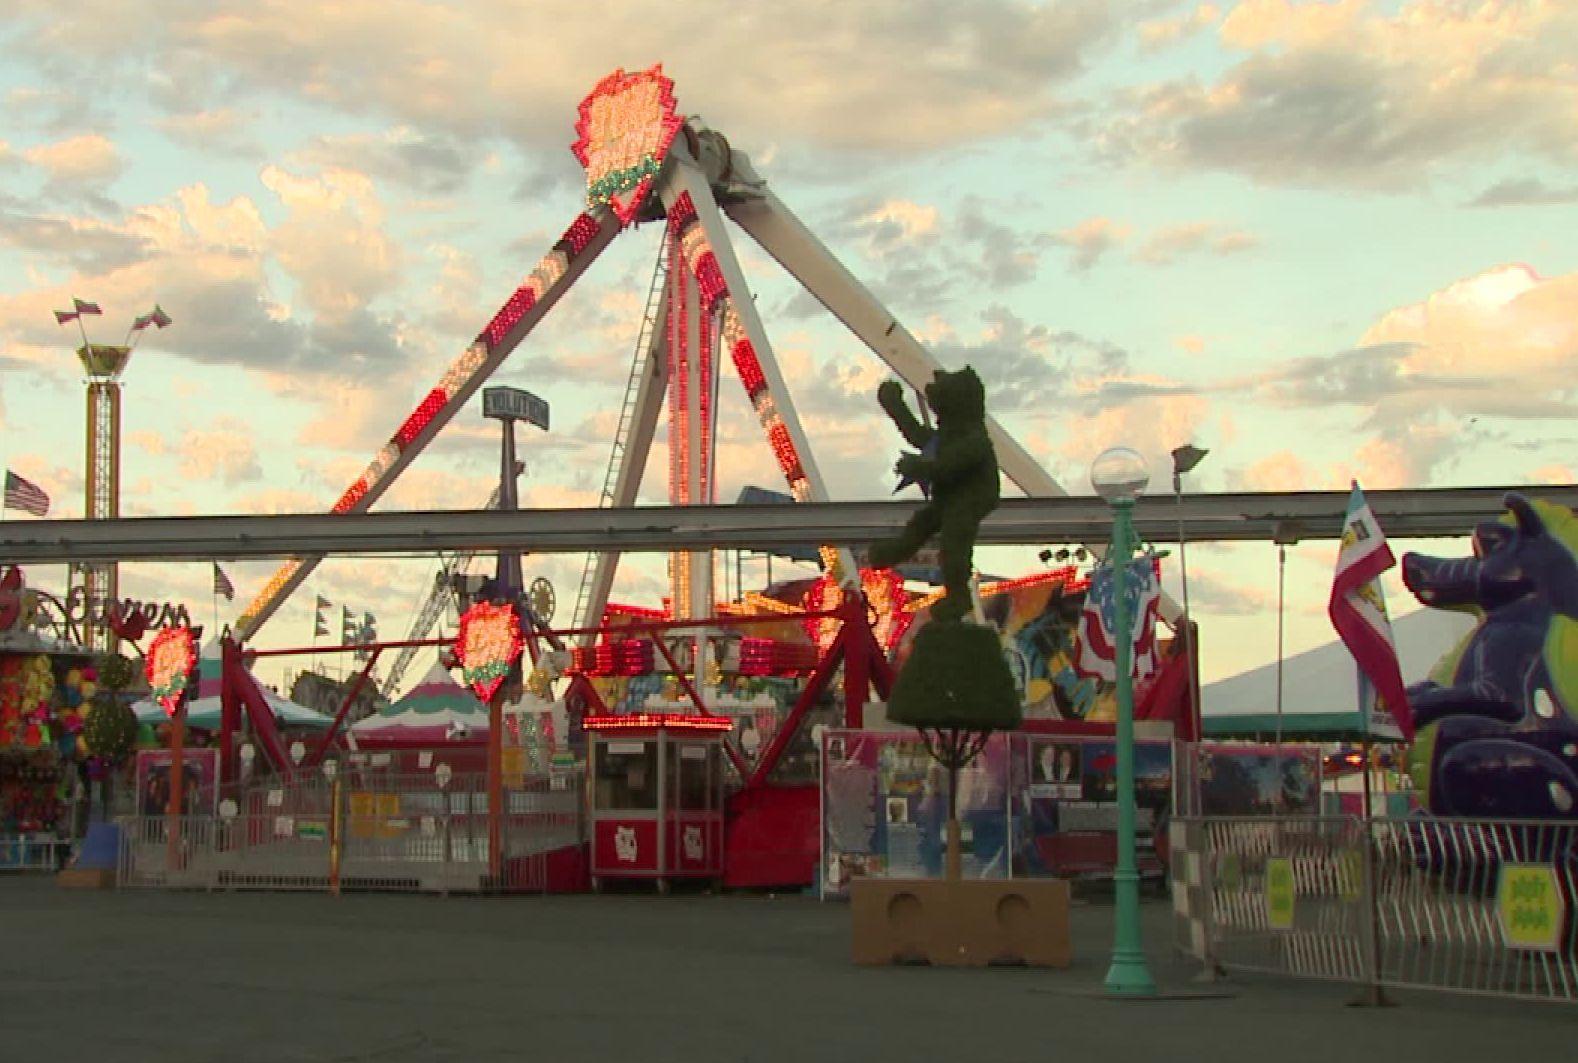 state fair, rides, california, 2014